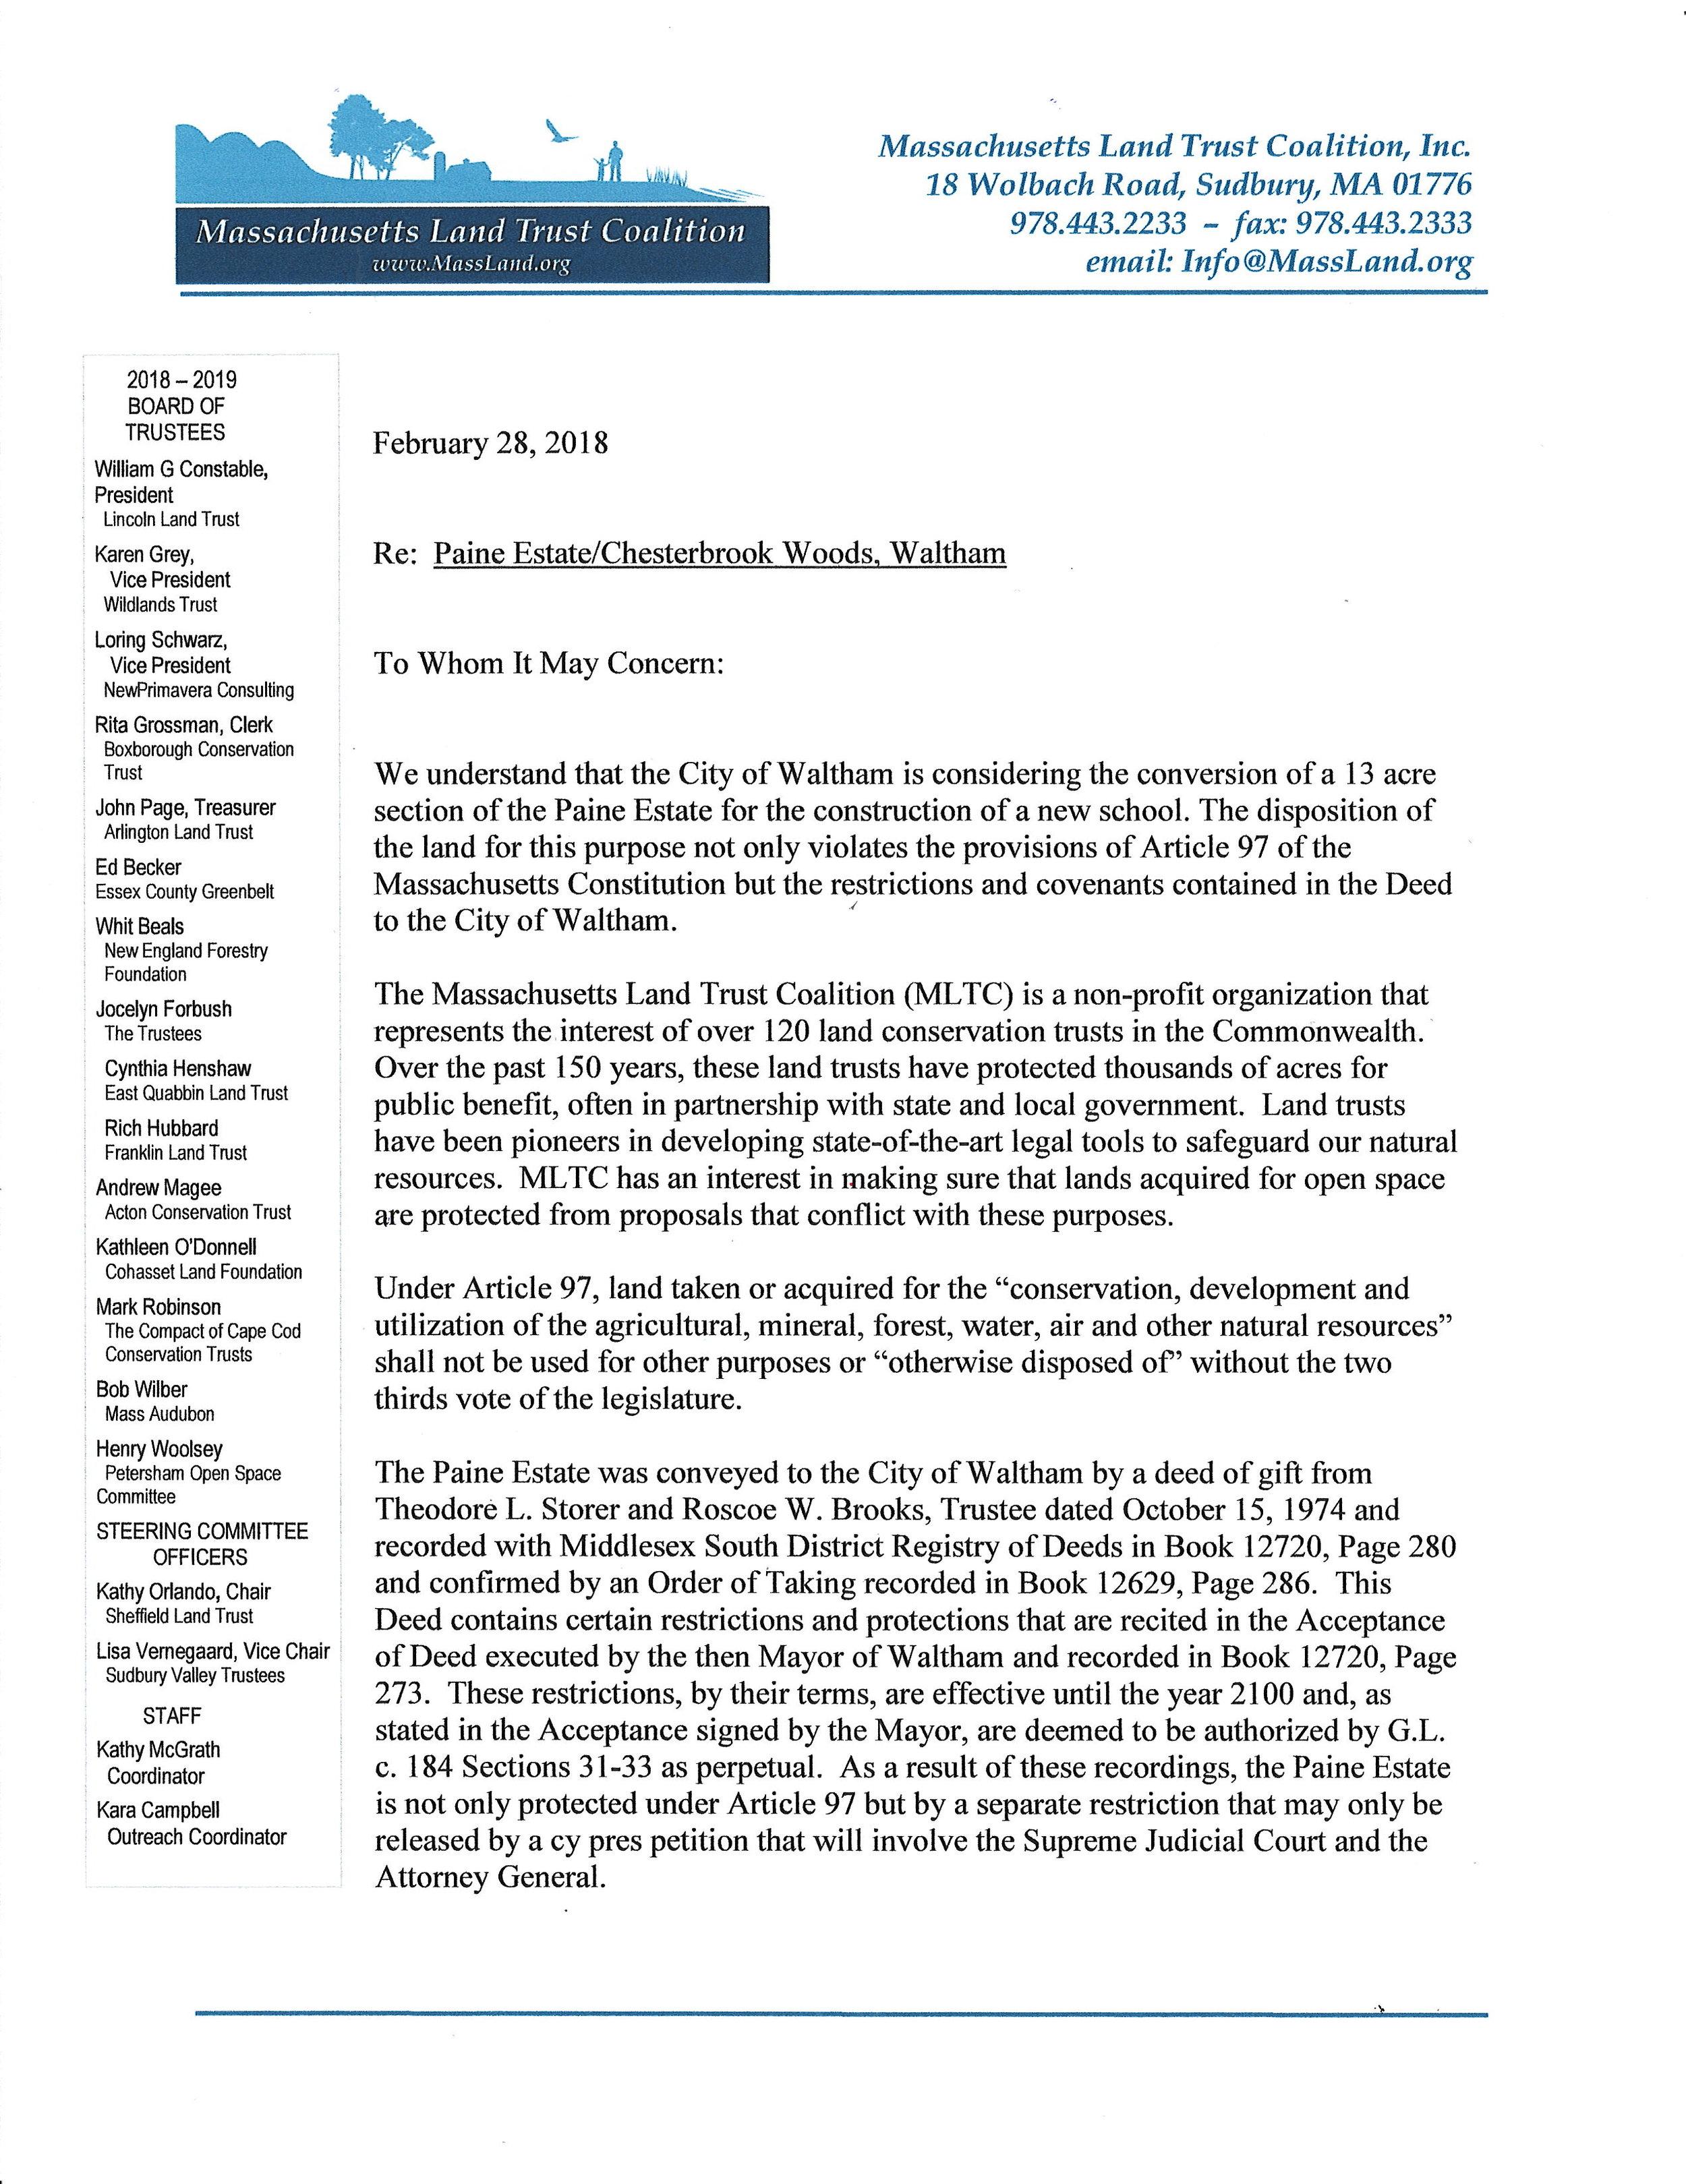 Massachusetts Land Trust Coalation Letter p1